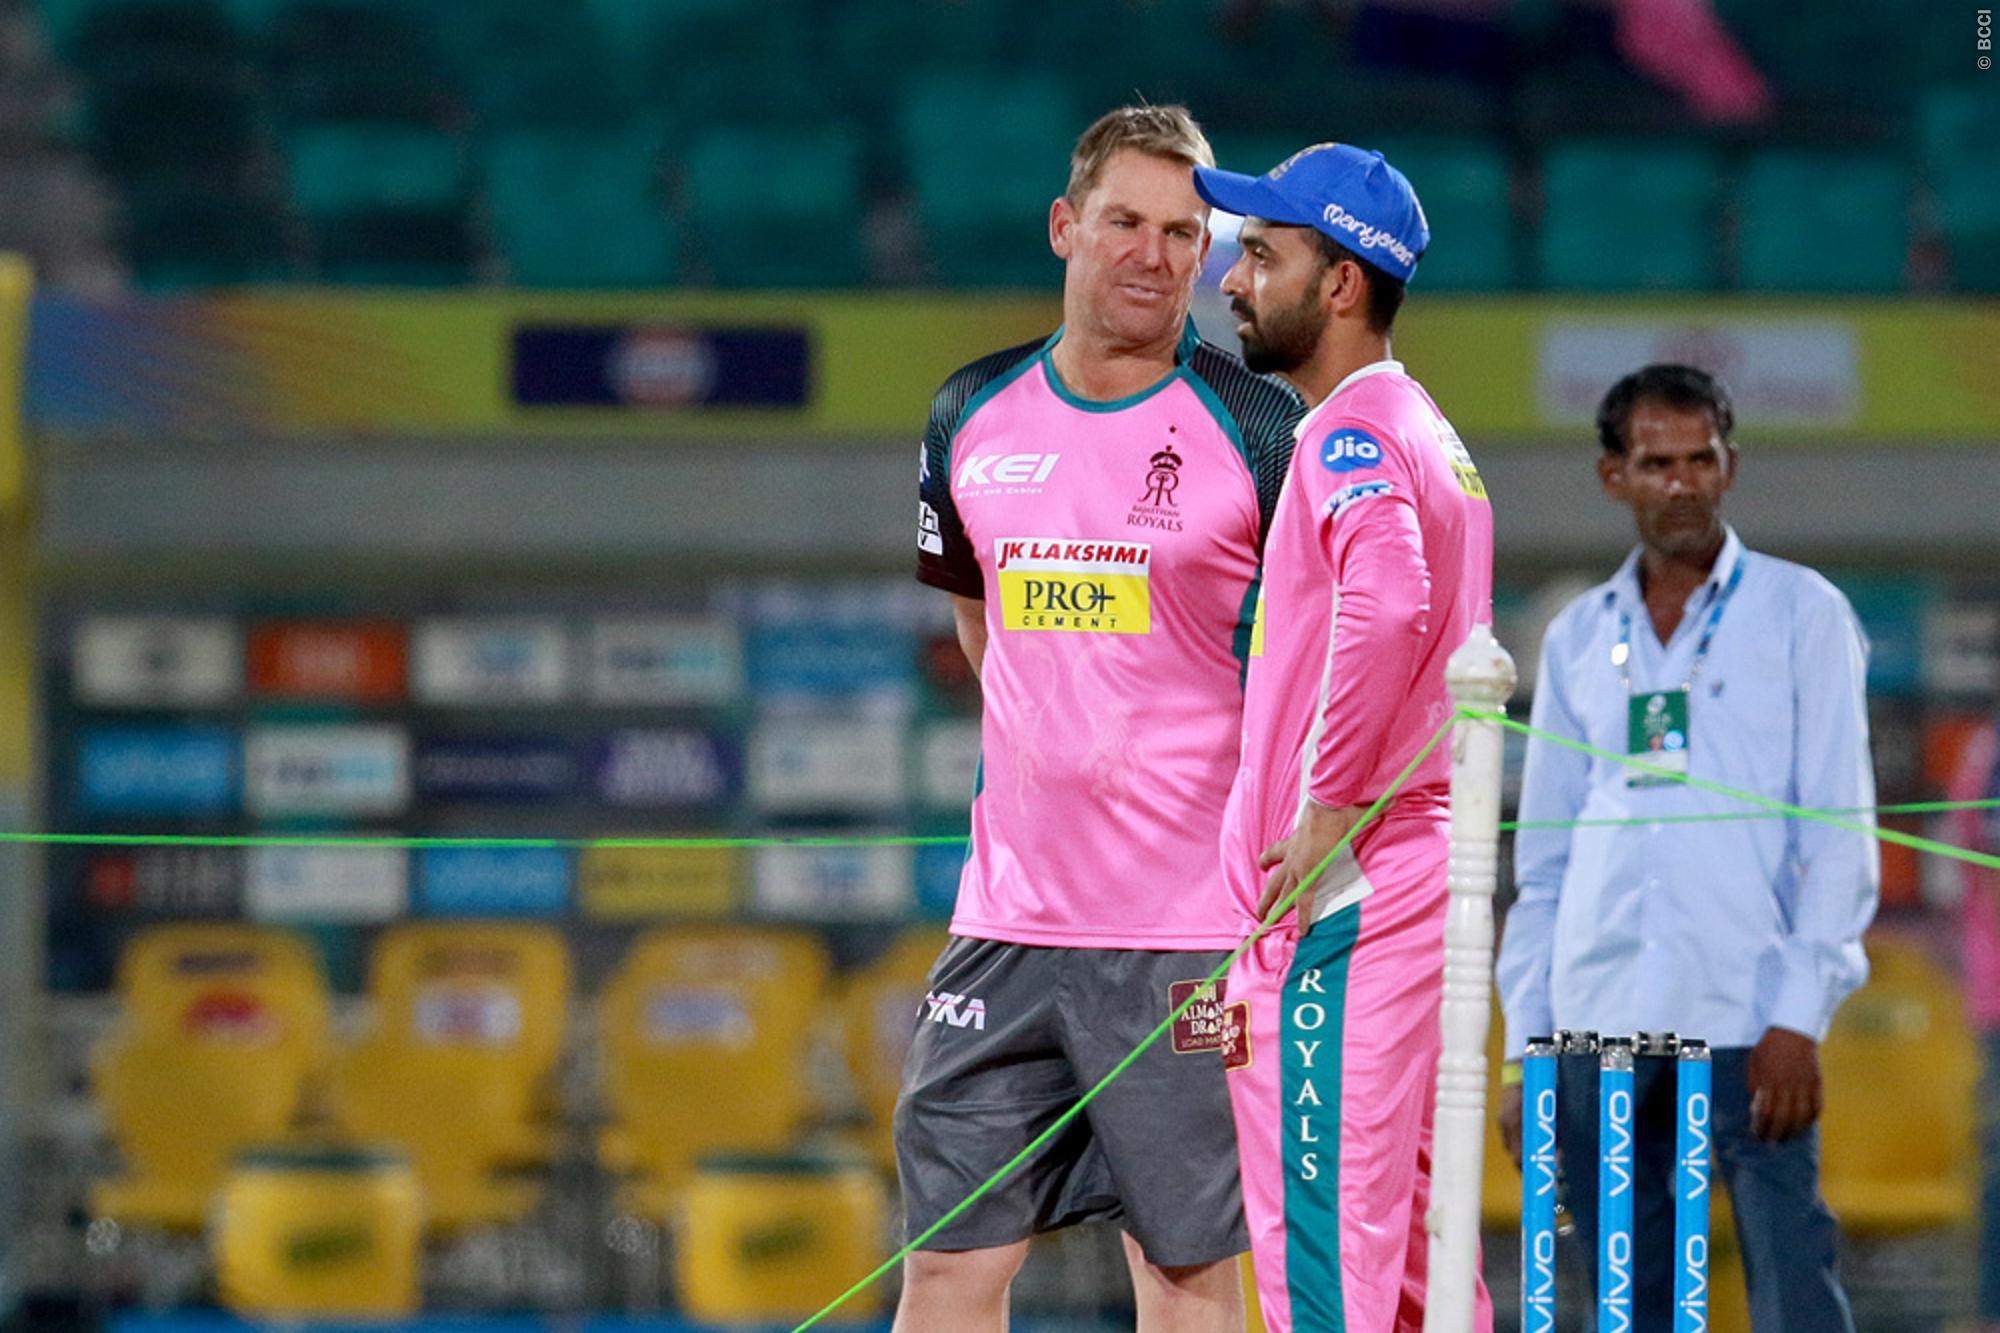 राजस्थान रॉयल्स की शानदार जीत के बाद राजस्थान ने रद्द कराई शेन वॉर्न की फ्लाइट 16